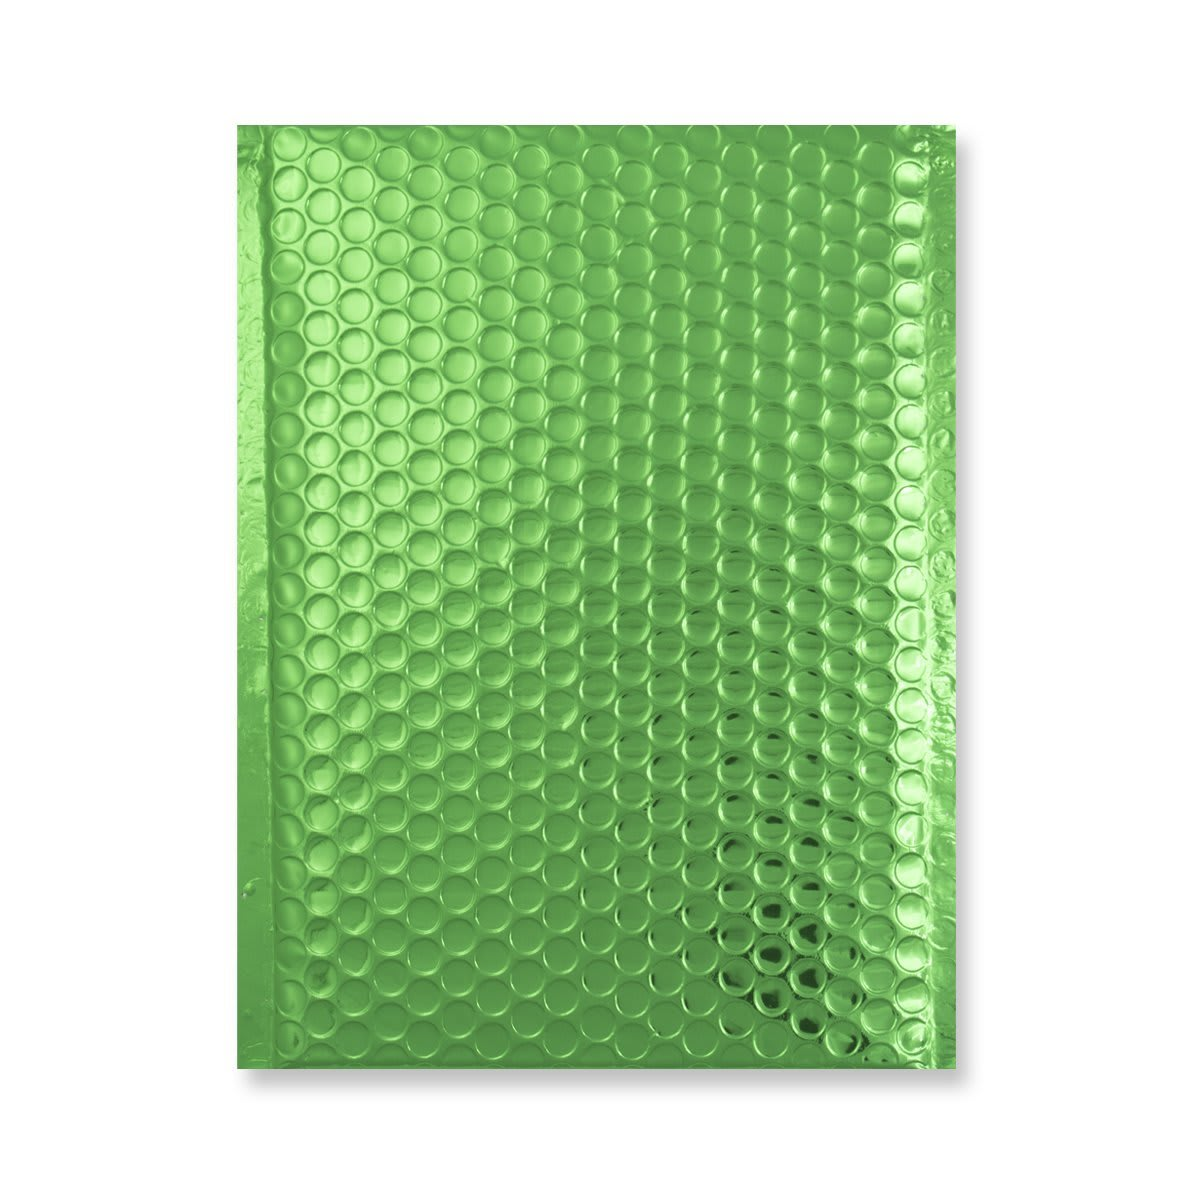 C5 + GLOSS METALLIC GREEN PADDED ENVELOPES (250 x 180MM)